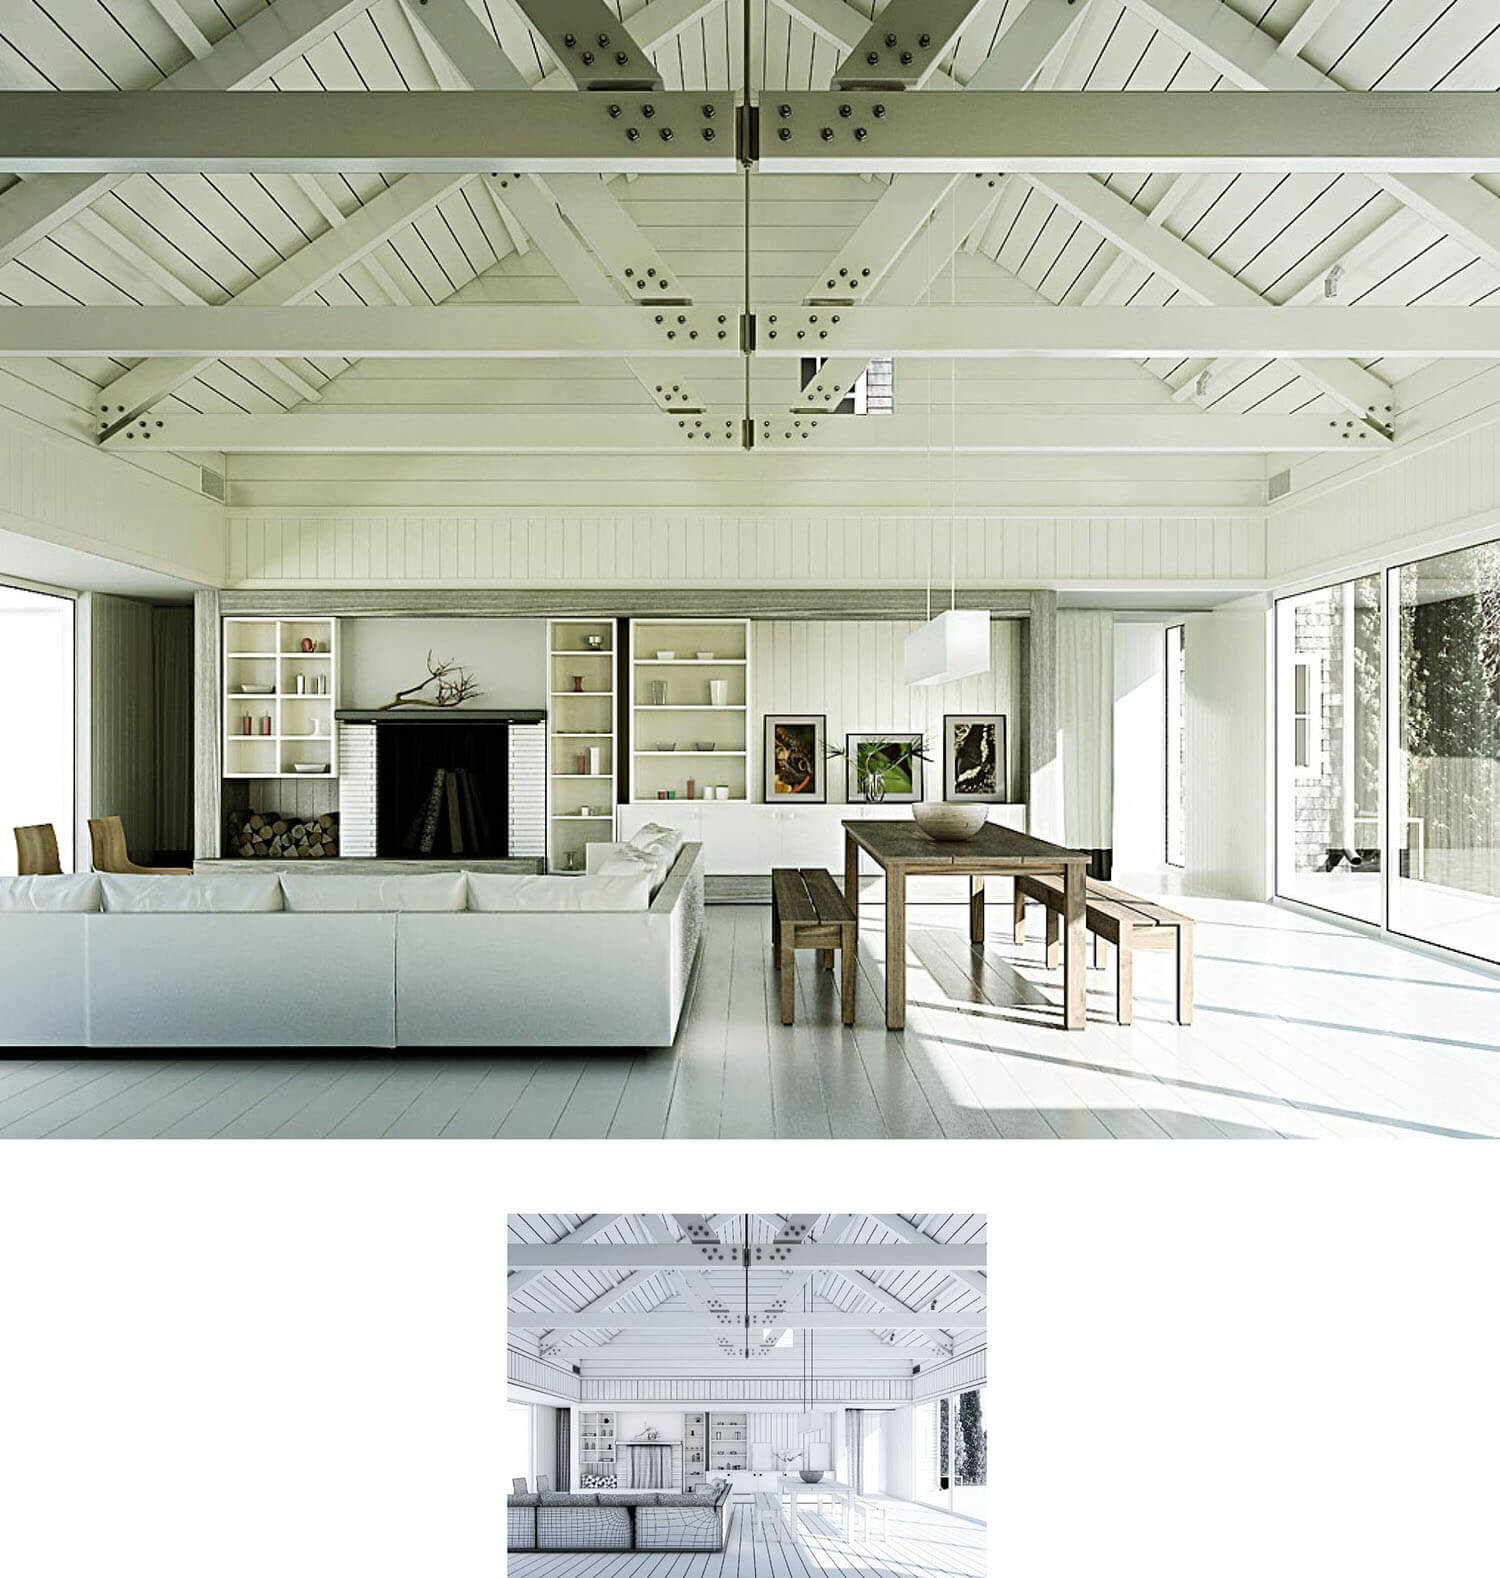 Thiết kế trần phòng khách đẹp dạng hình nón cùng các thanh xà gỗ